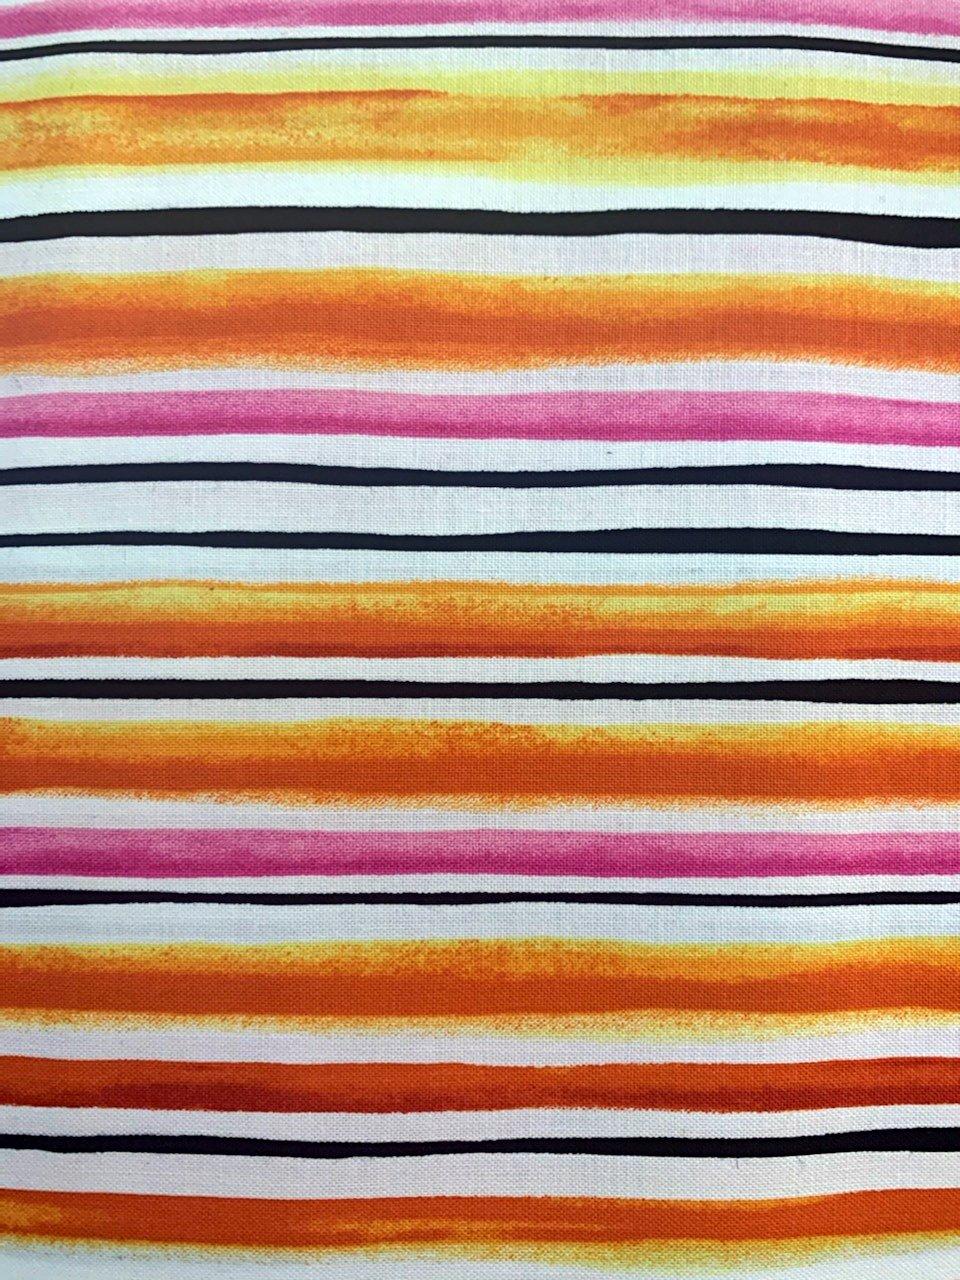 Sunset Stripe 3359 Black, Pink, Orange